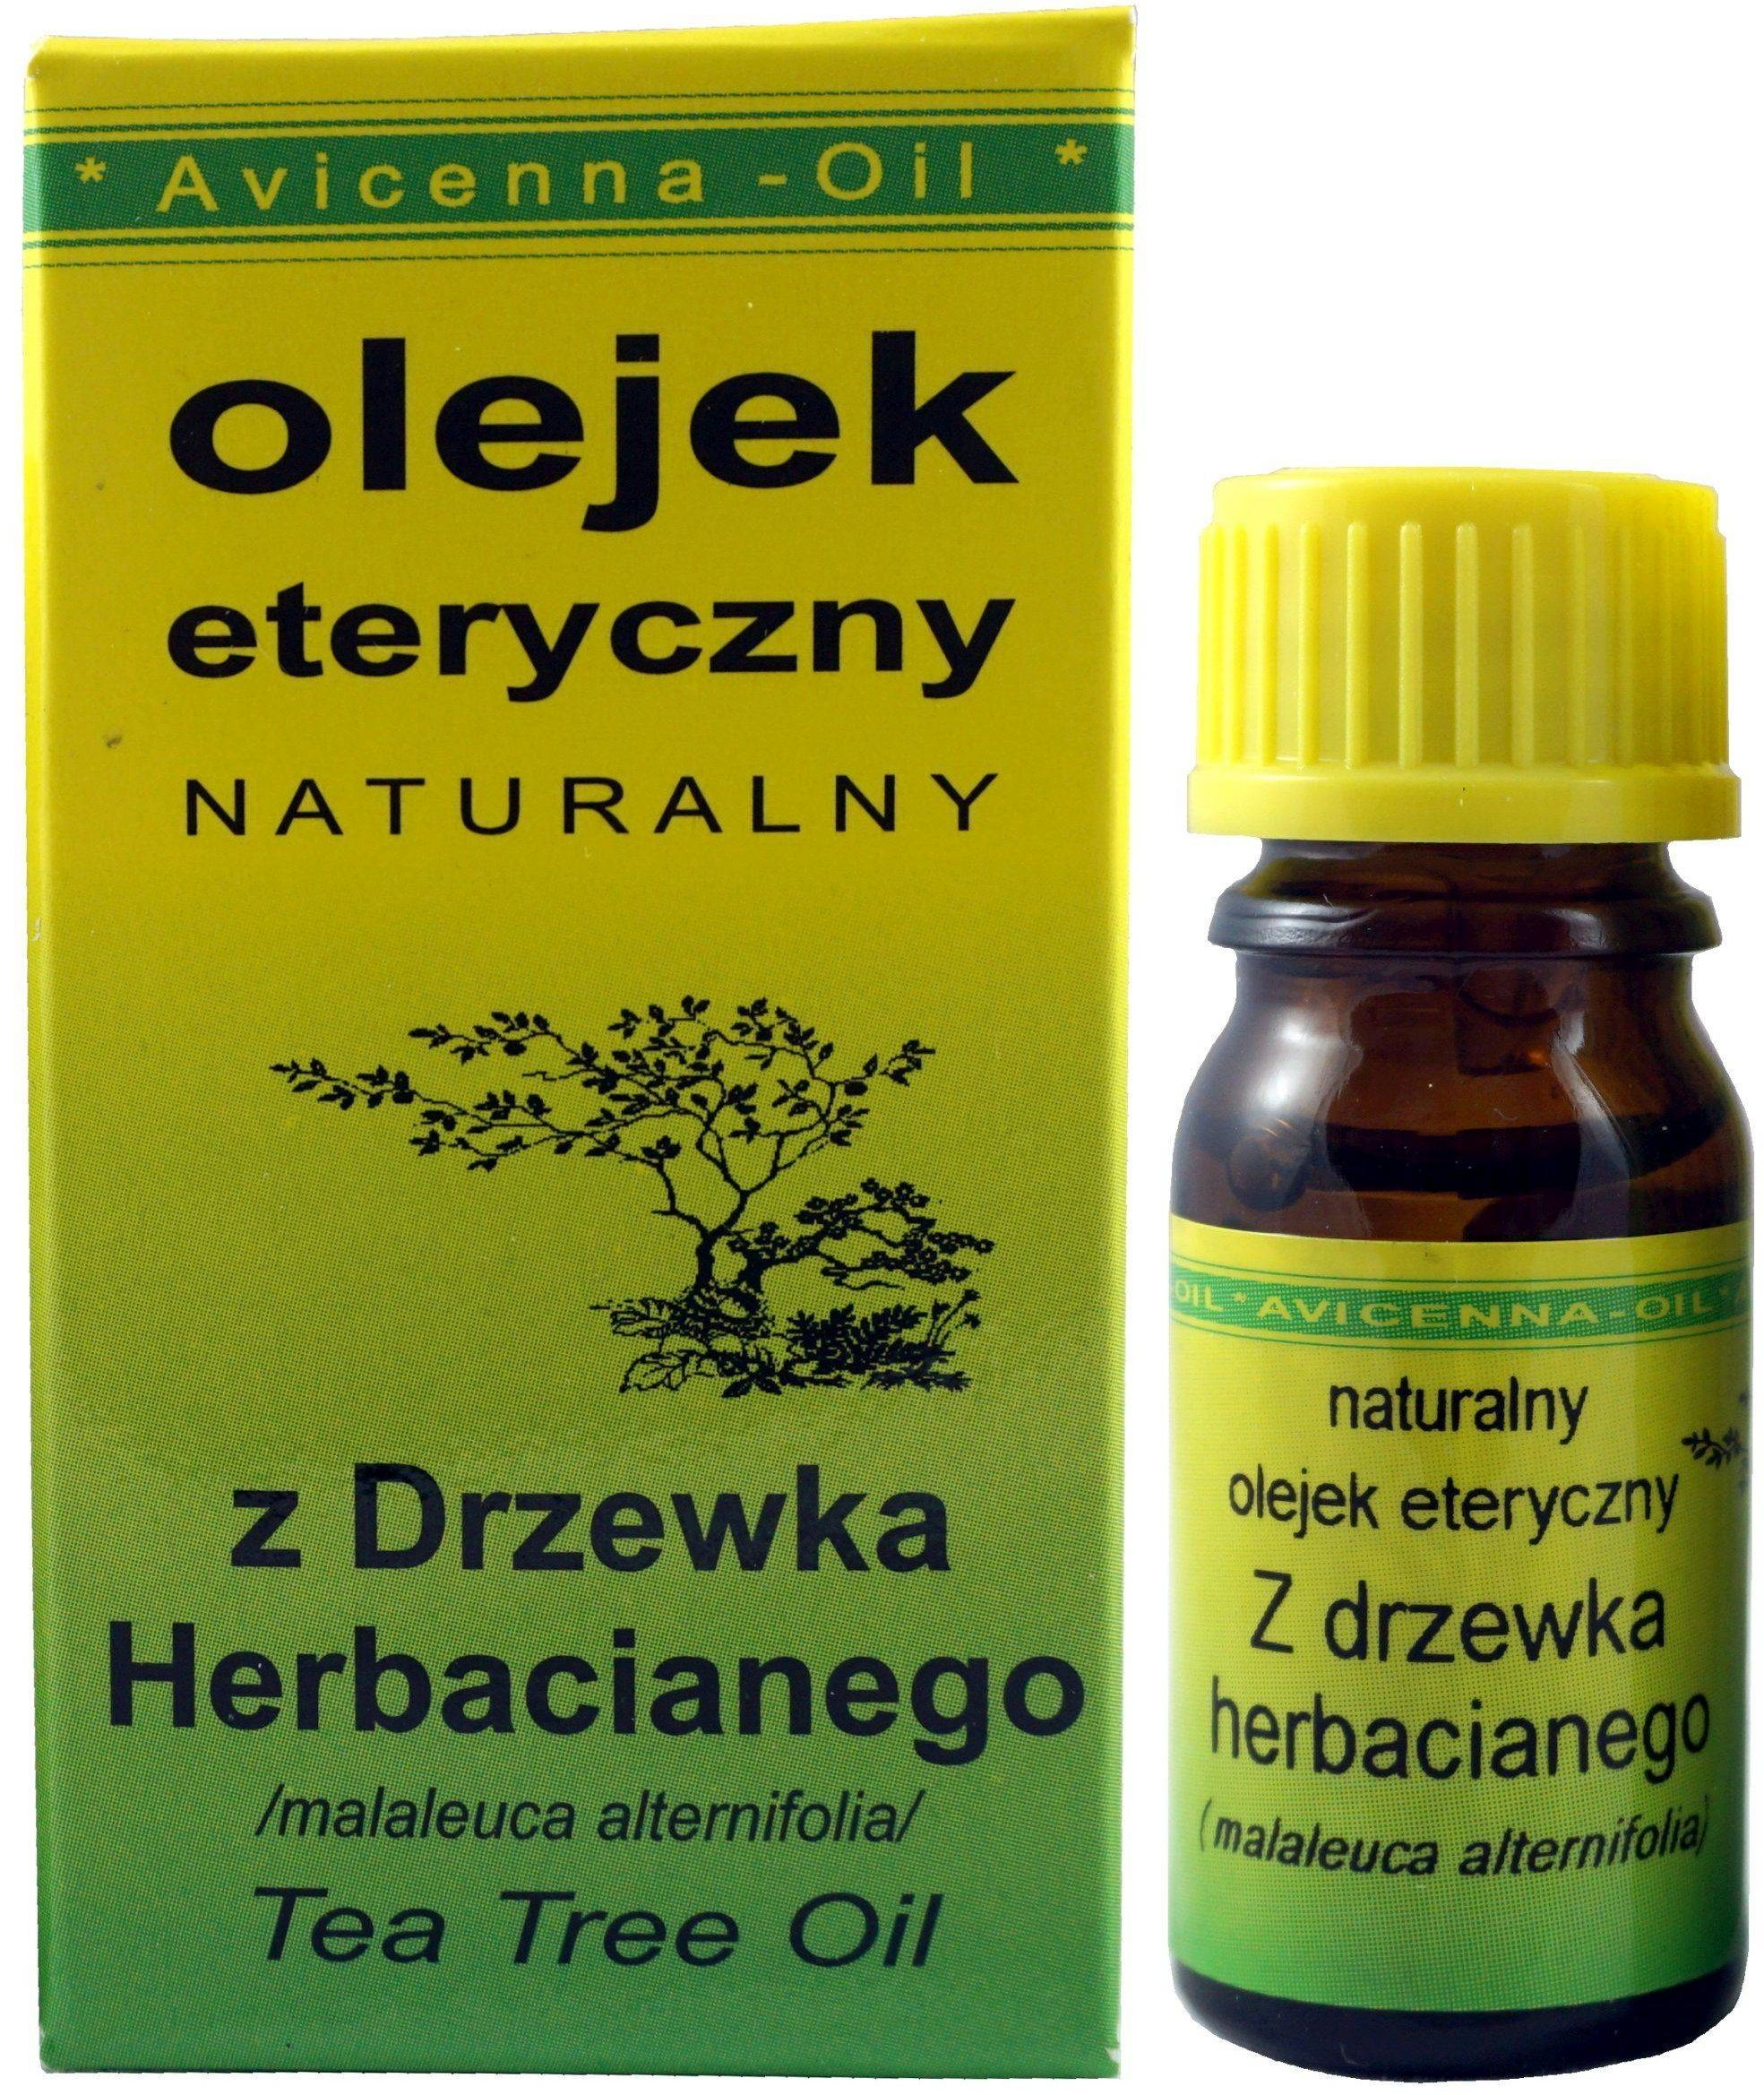 Olejek eteryczny z Drzewa Herbacianego - 7ml - Avicenna Oil